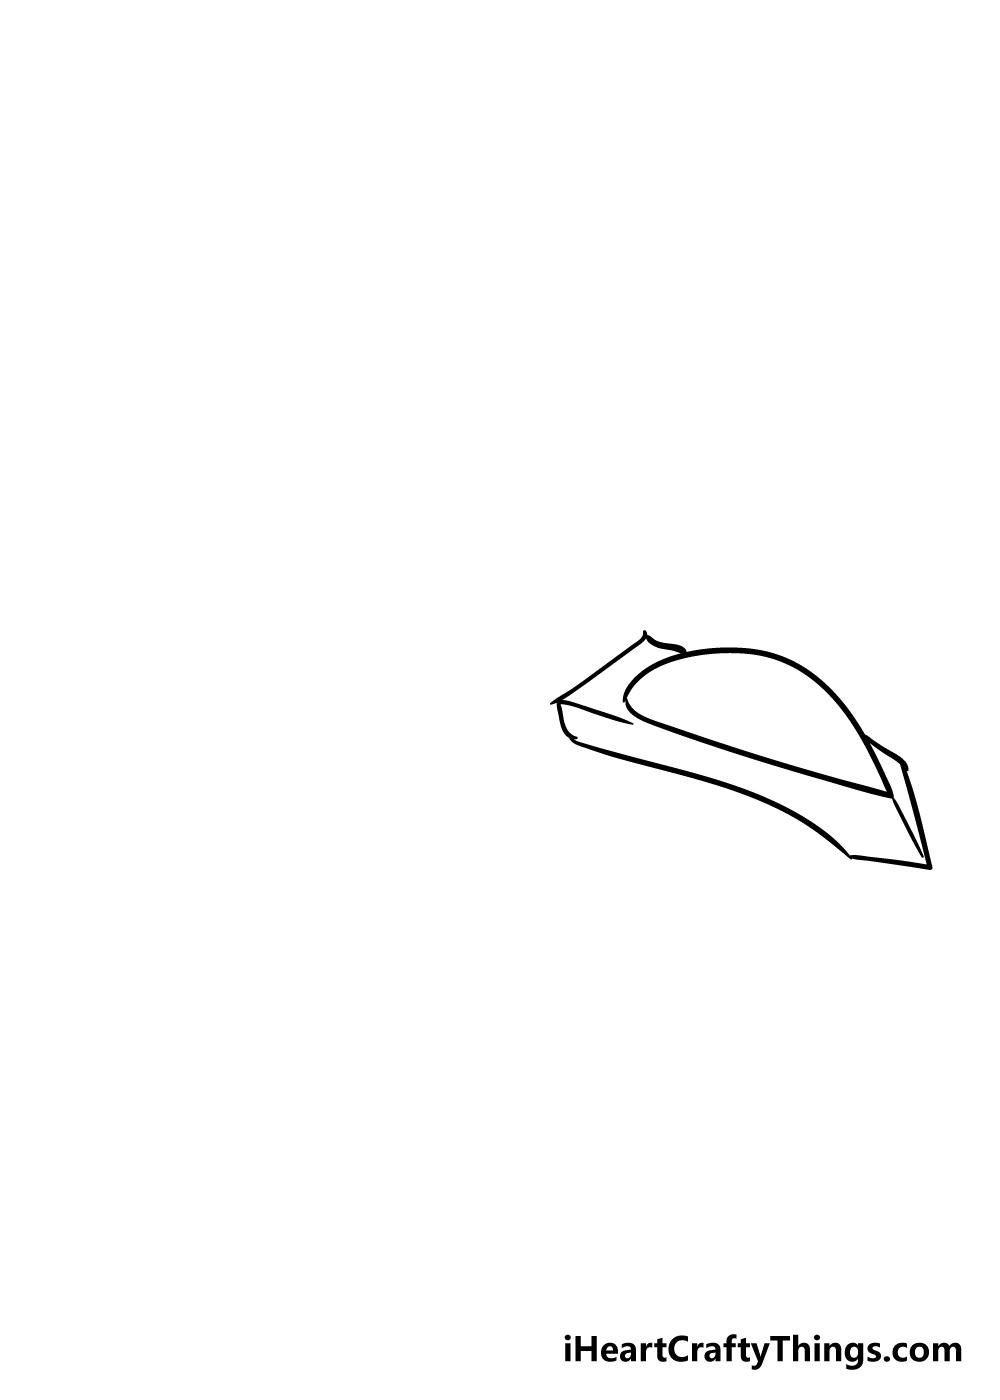 spaceship drawing step 2